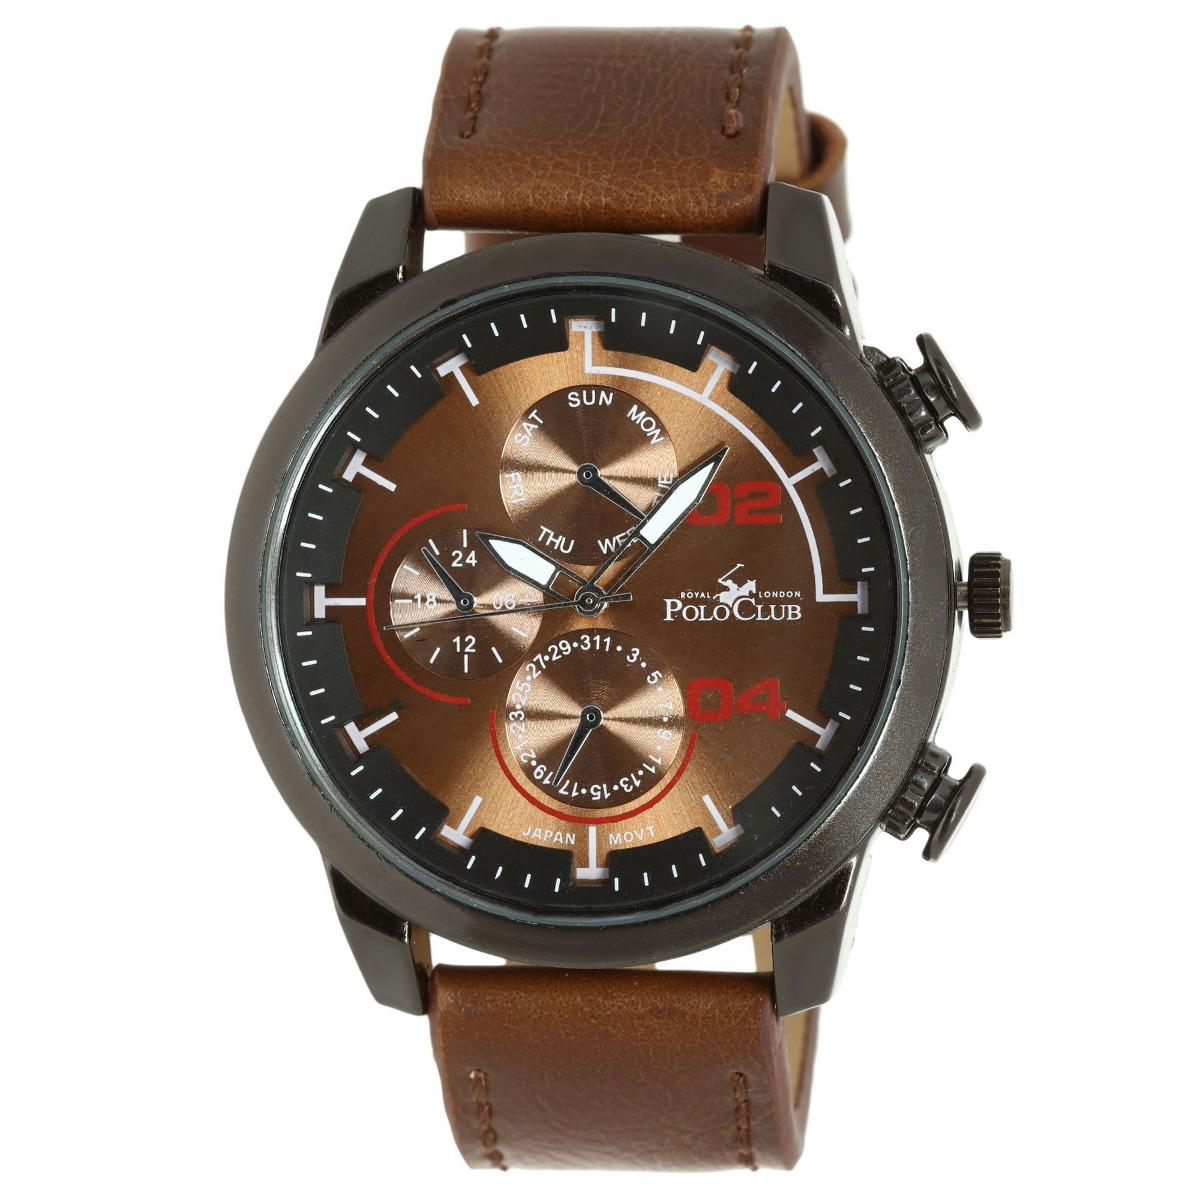 d73533f2cbc6 Reloj Hombre Mano Polo Club Caballero Cafe Rlpc2855c -   499.00 en ...